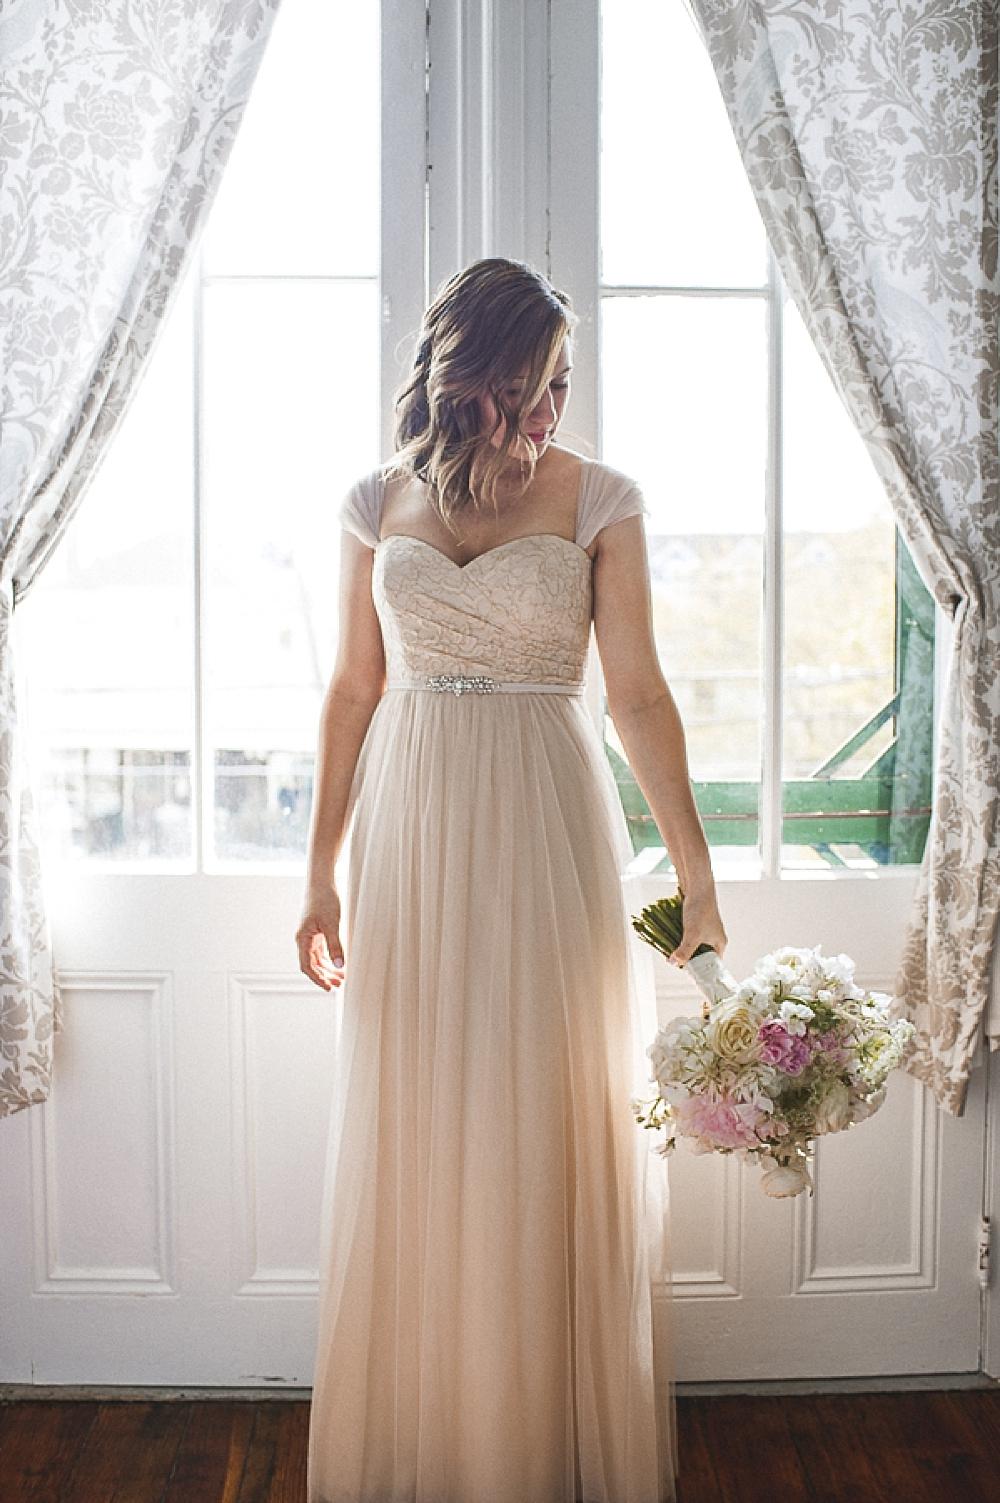 Viva Love Philadelphia Wedding Photographer_0017.jpg